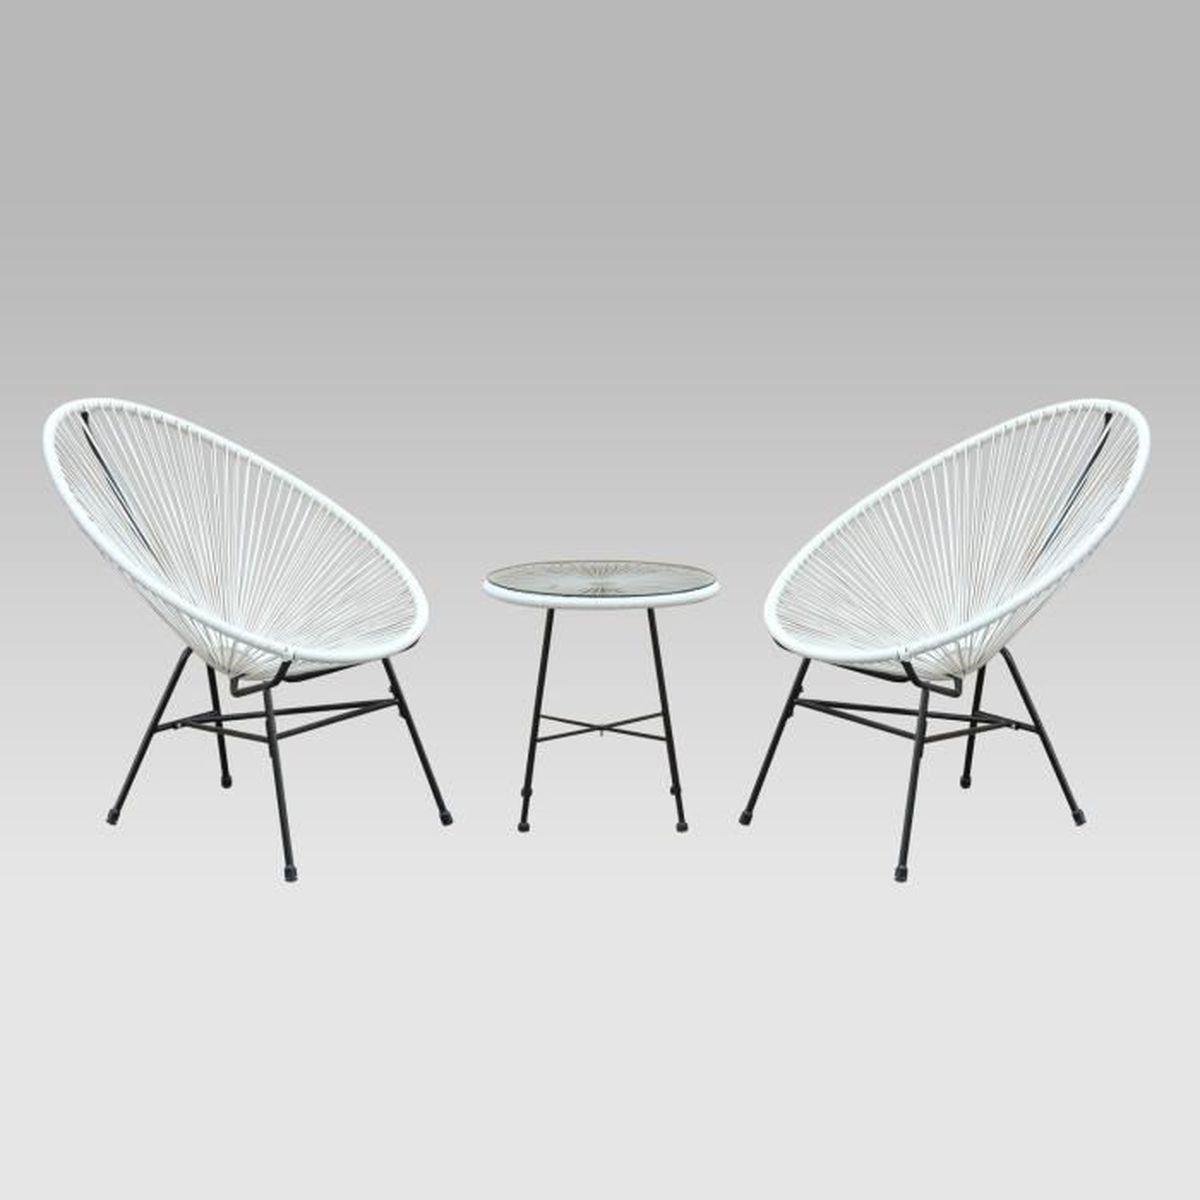 2 fauteuils acapulco design oeuf avec table d 39 appoint achat vente salon de jardin 2. Black Bedroom Furniture Sets. Home Design Ideas